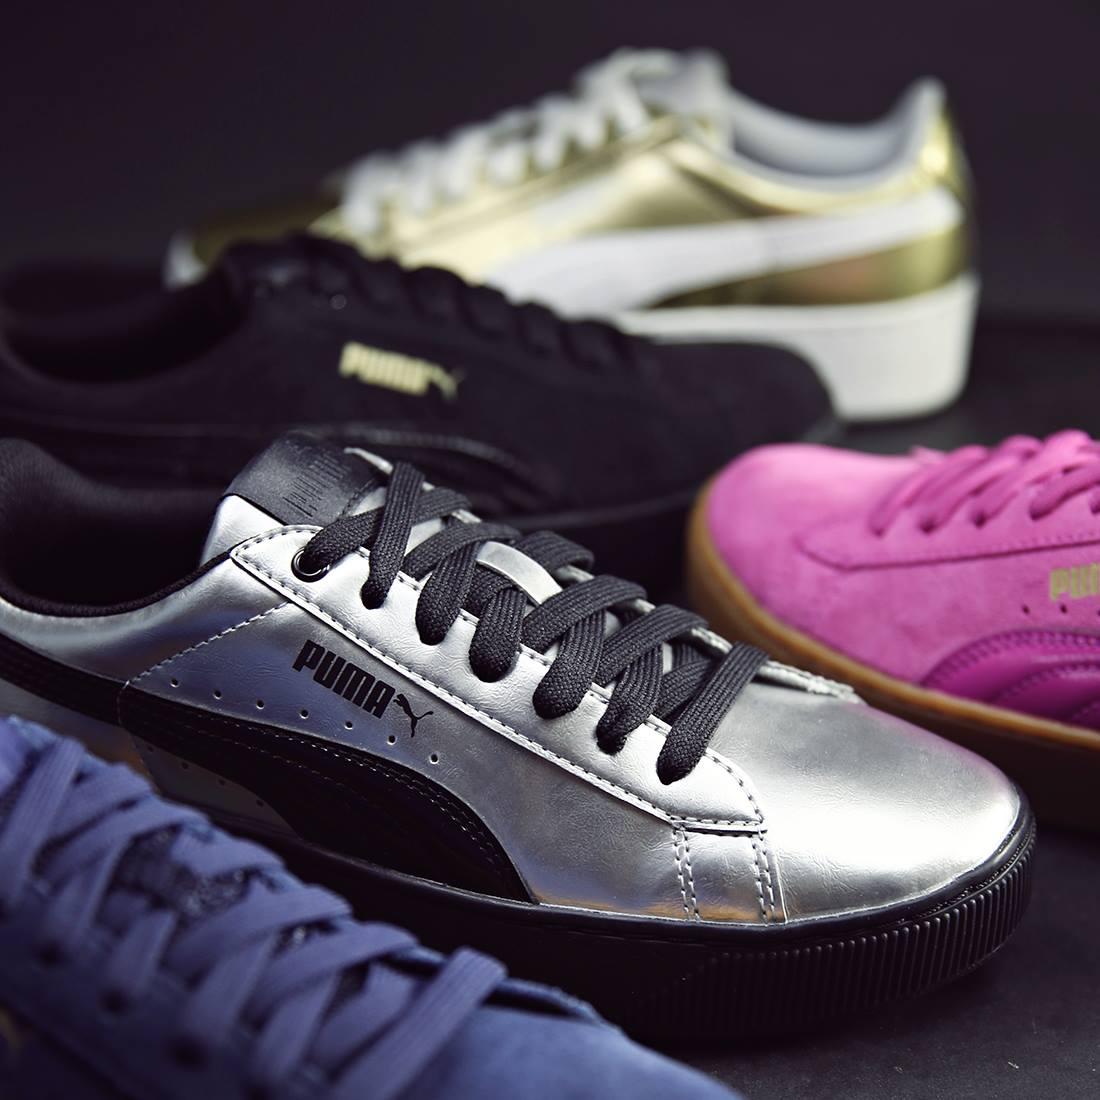 28b3cddda0 Představujeme novinku v Office Shoes – obuv značky PUMA!